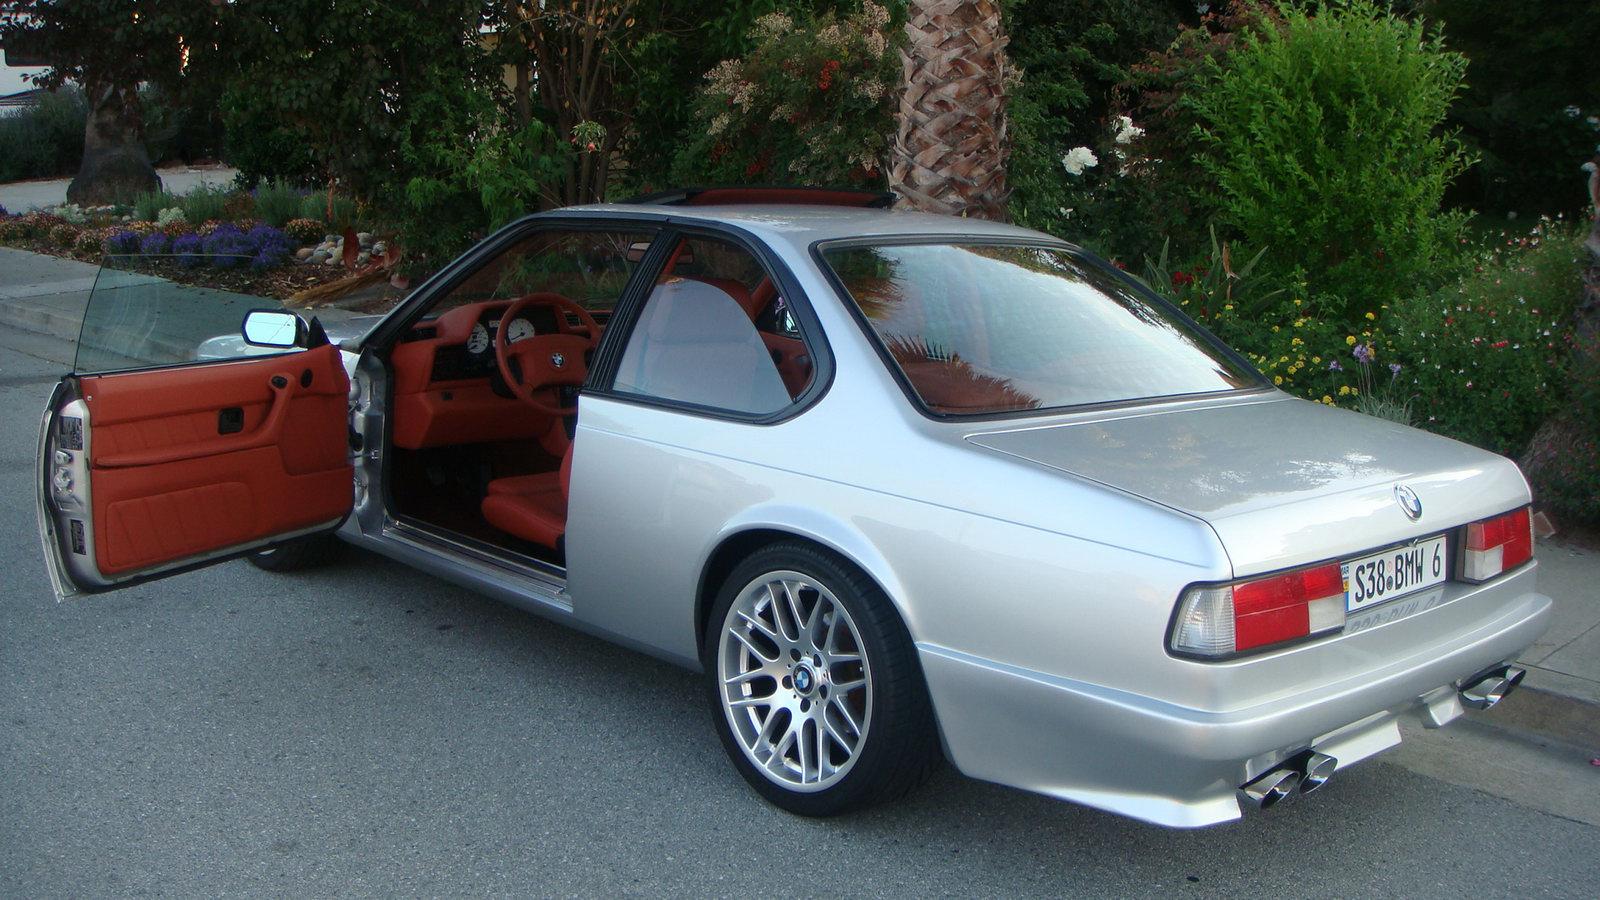 Bmw 635 Accessories Bmw Auto Cars